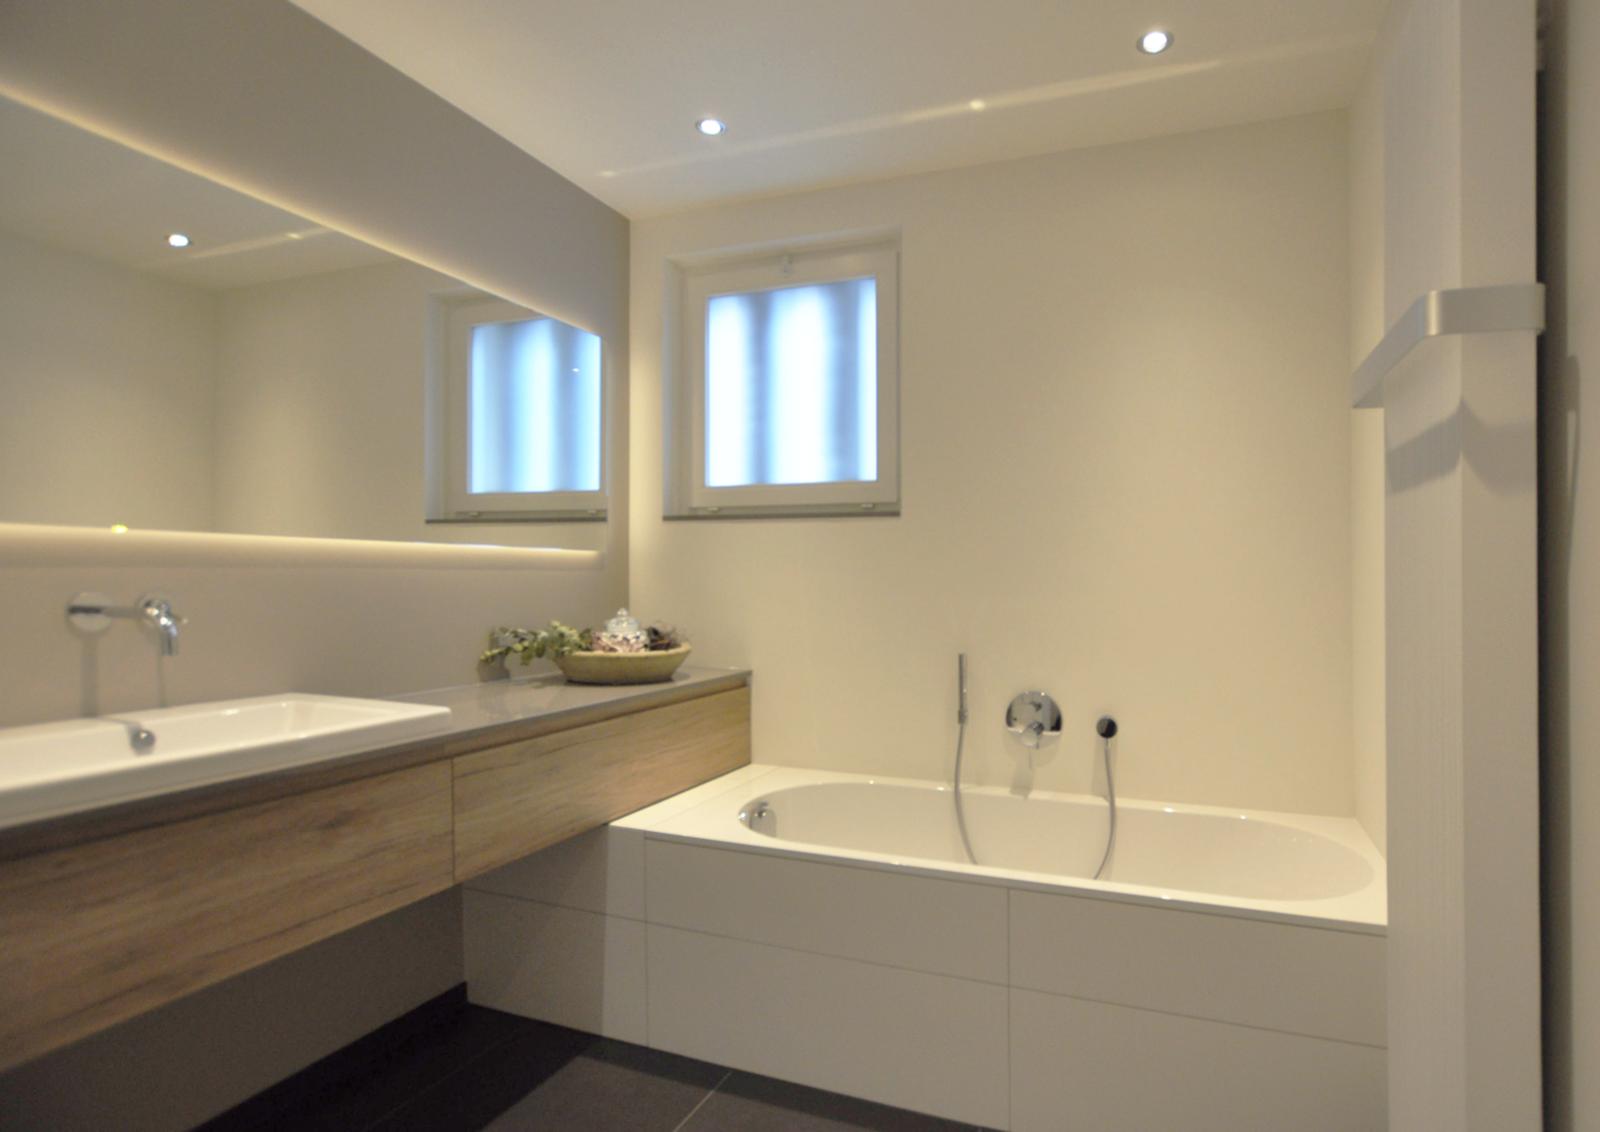 Afbeeldingsresultaat voor badkamer muurverf   badevÆrelse ...